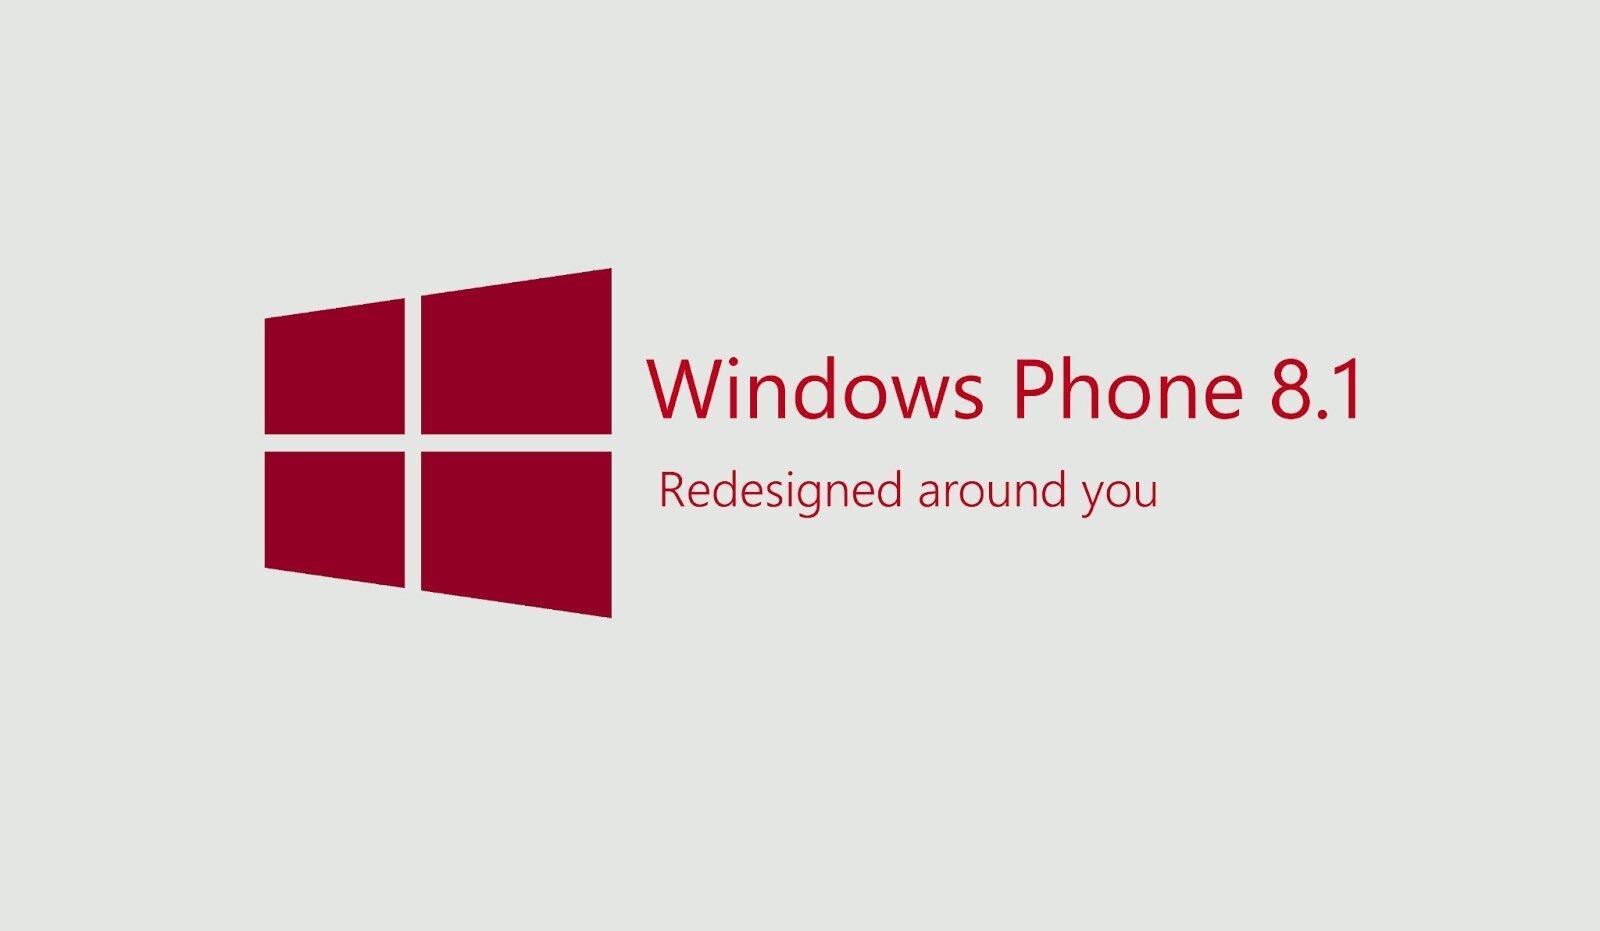 Microsoft úp mở về một tính năng mới cực kỳ hấp dẫn có trên Windows Phone